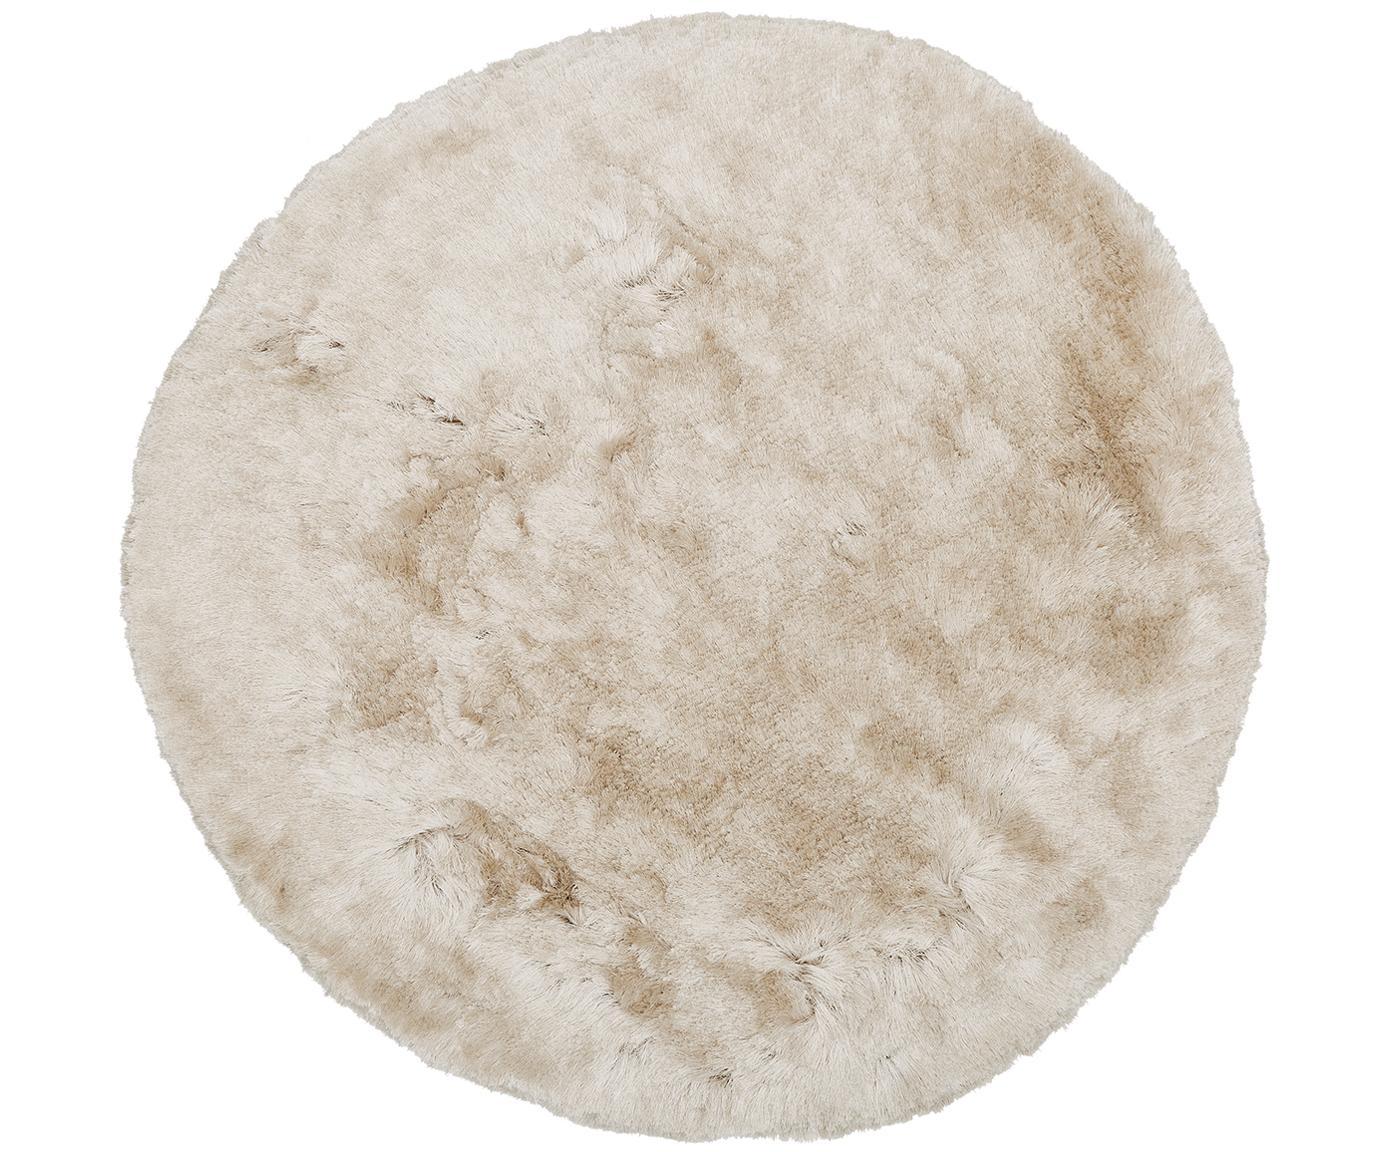 Glanzend hoogpolig  vloerkleed Jimmy ivoorkleurig, rond, Bovenzijde: 100% polyester, Onderzijde: 100% katoen, Ivoorkleurig, Ø 150 cm